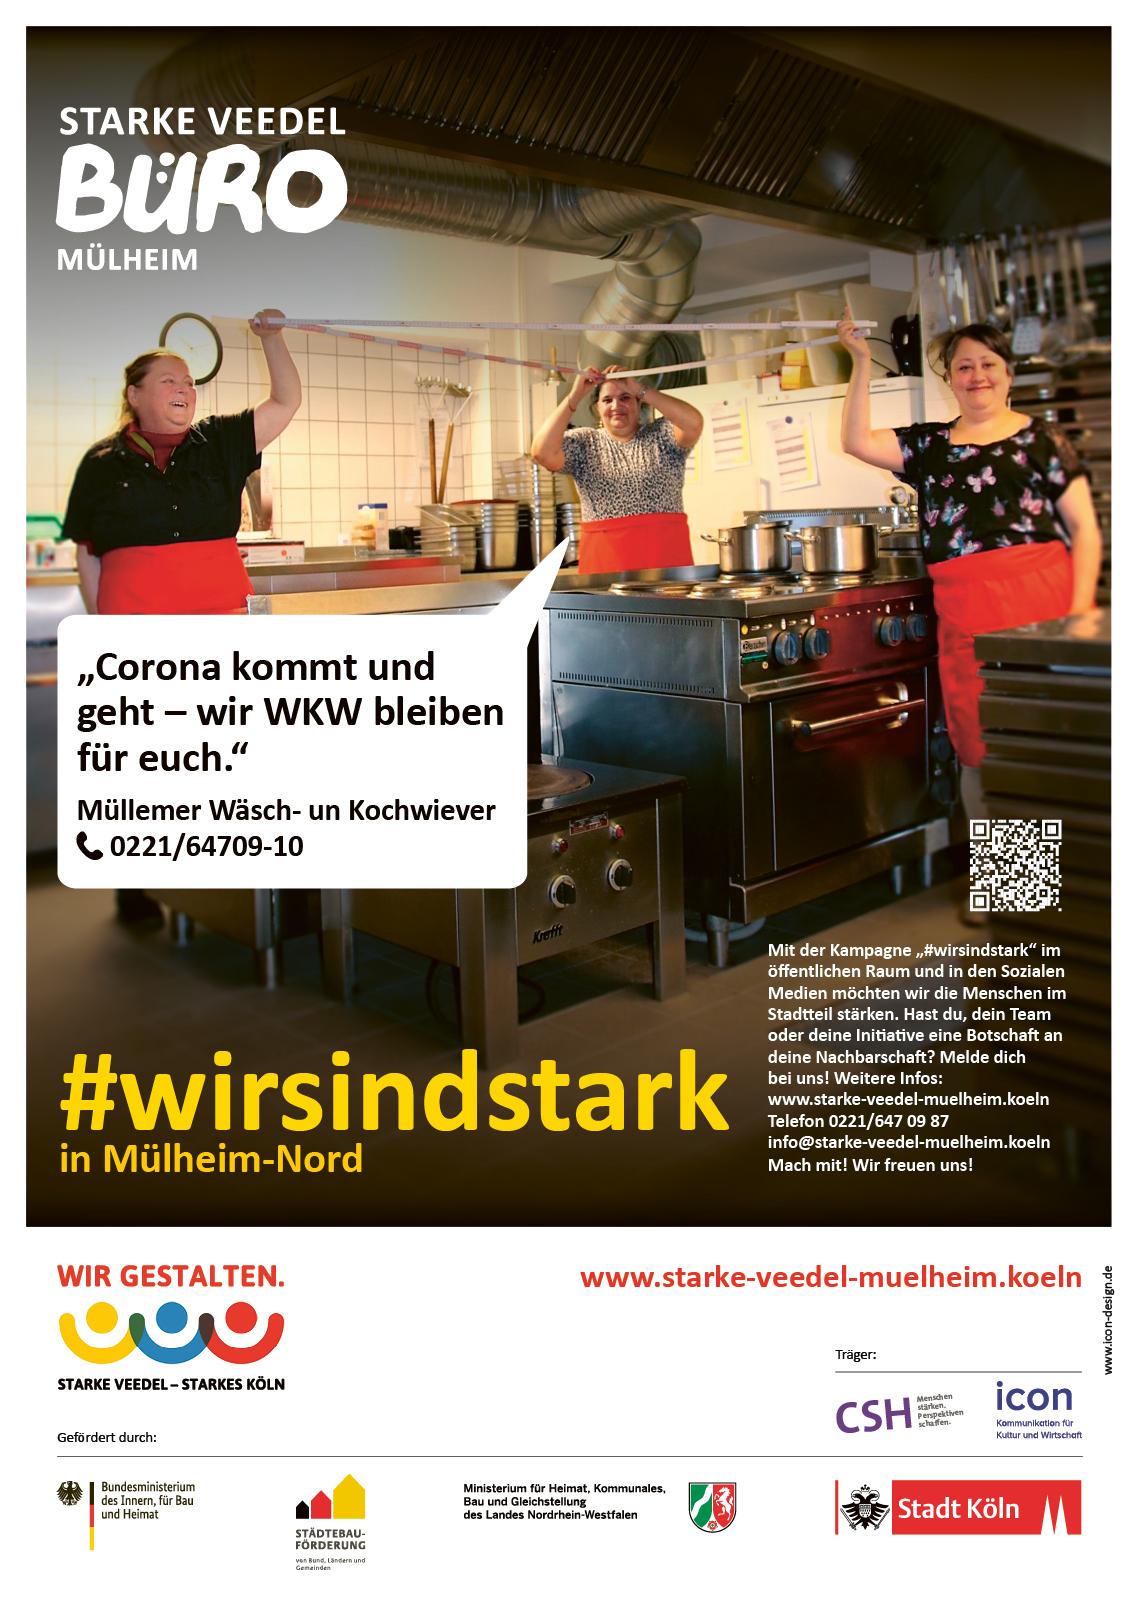 """Das erste Poster aus der Serie """"#wirsindstark"""""""" mit den Müllemer Wäsch- un Kochwiever"""